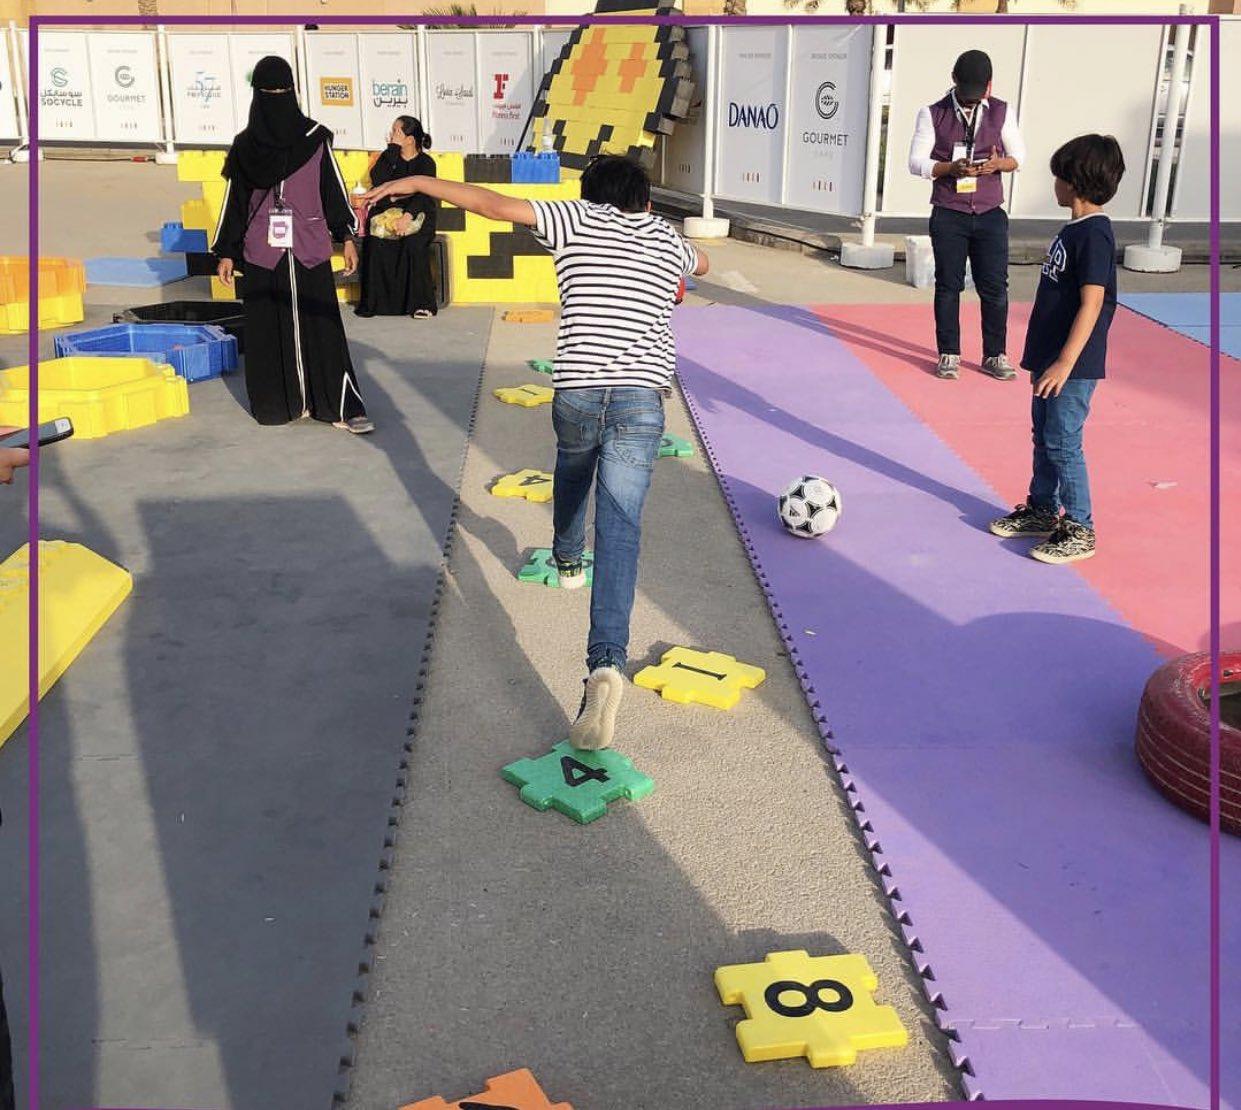 صورة لاحد الالعاب الرائعة في مركز WOOSH الترفيهي الرياض